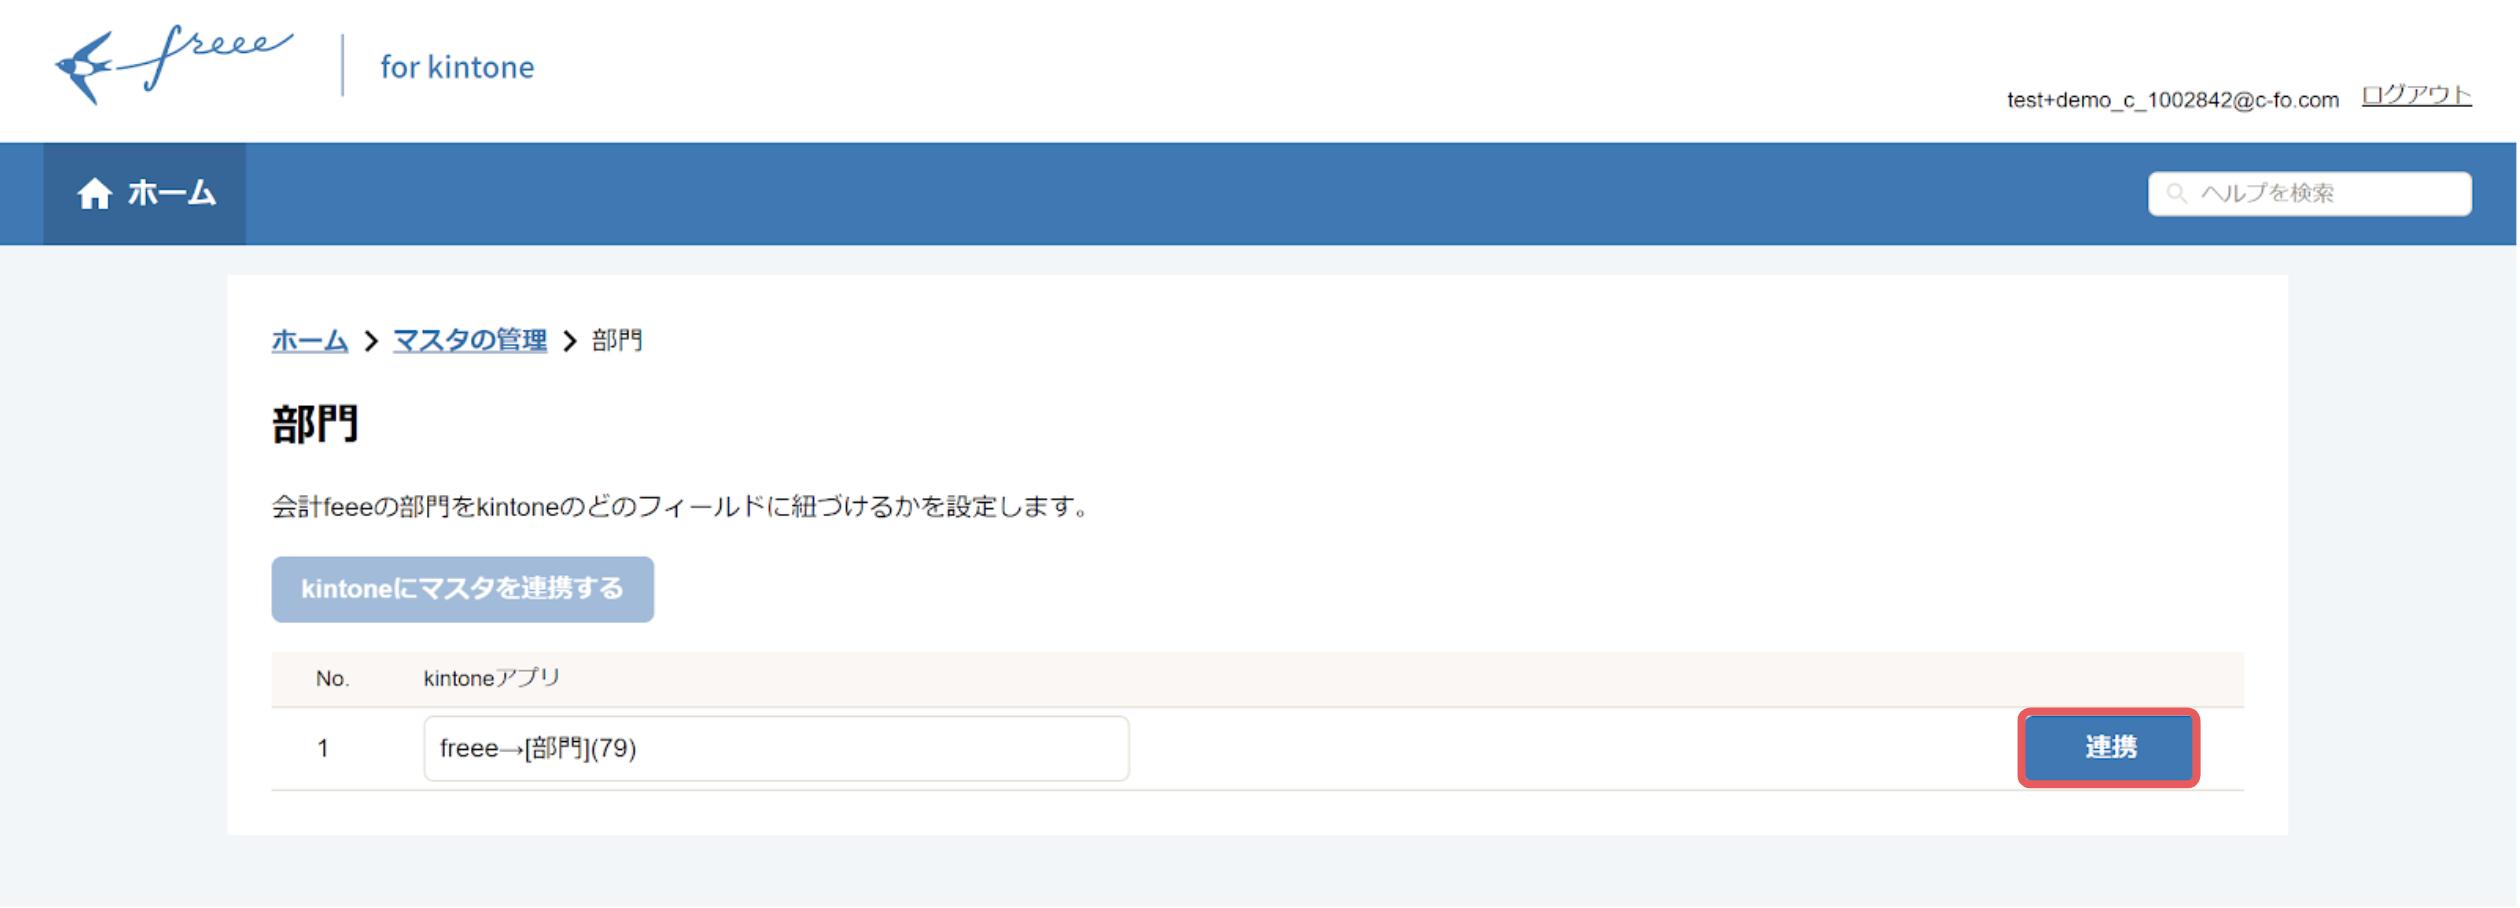 Screen_Shot_2020-07-09_at_16.31.47.png